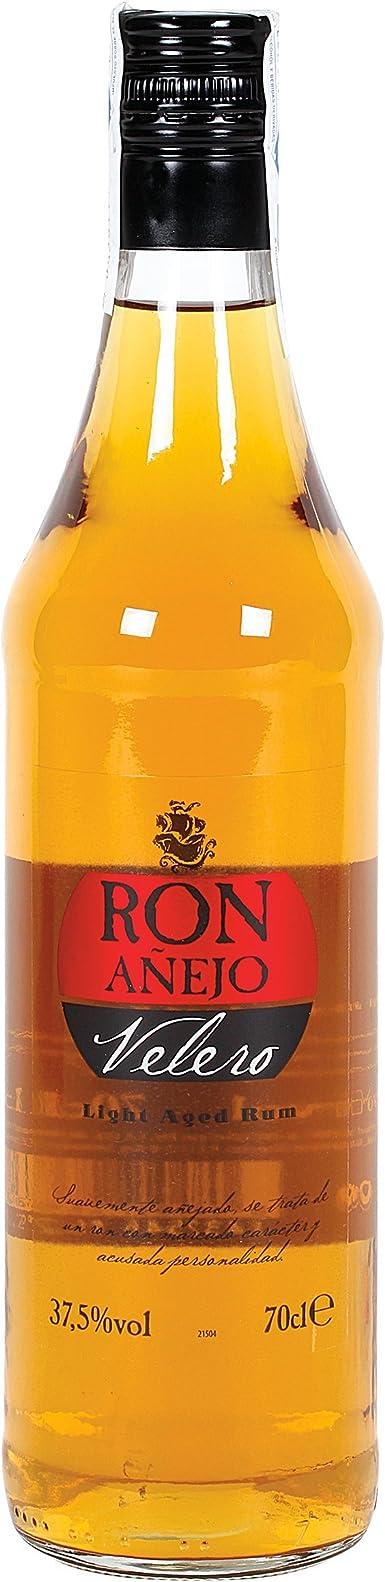 VELERO ron añejo botella 70 cl: Amazon.es: Alimentación y ...